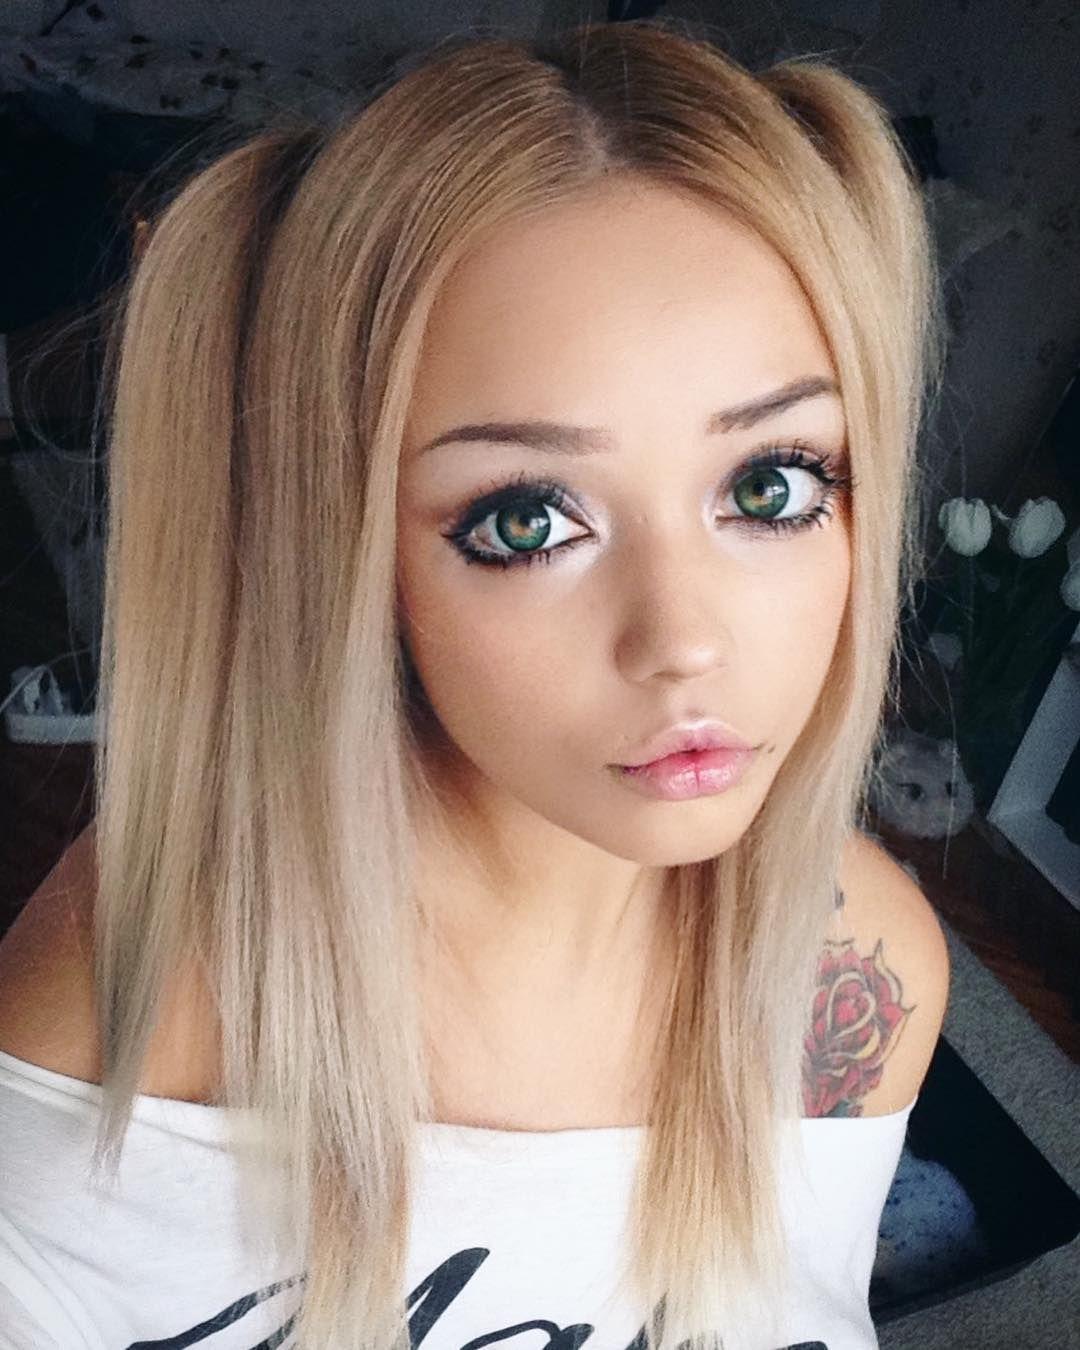 Image Result For Anime Makeup Big Eyes Makeup Kawaii Makeup Anime Eye Makeup